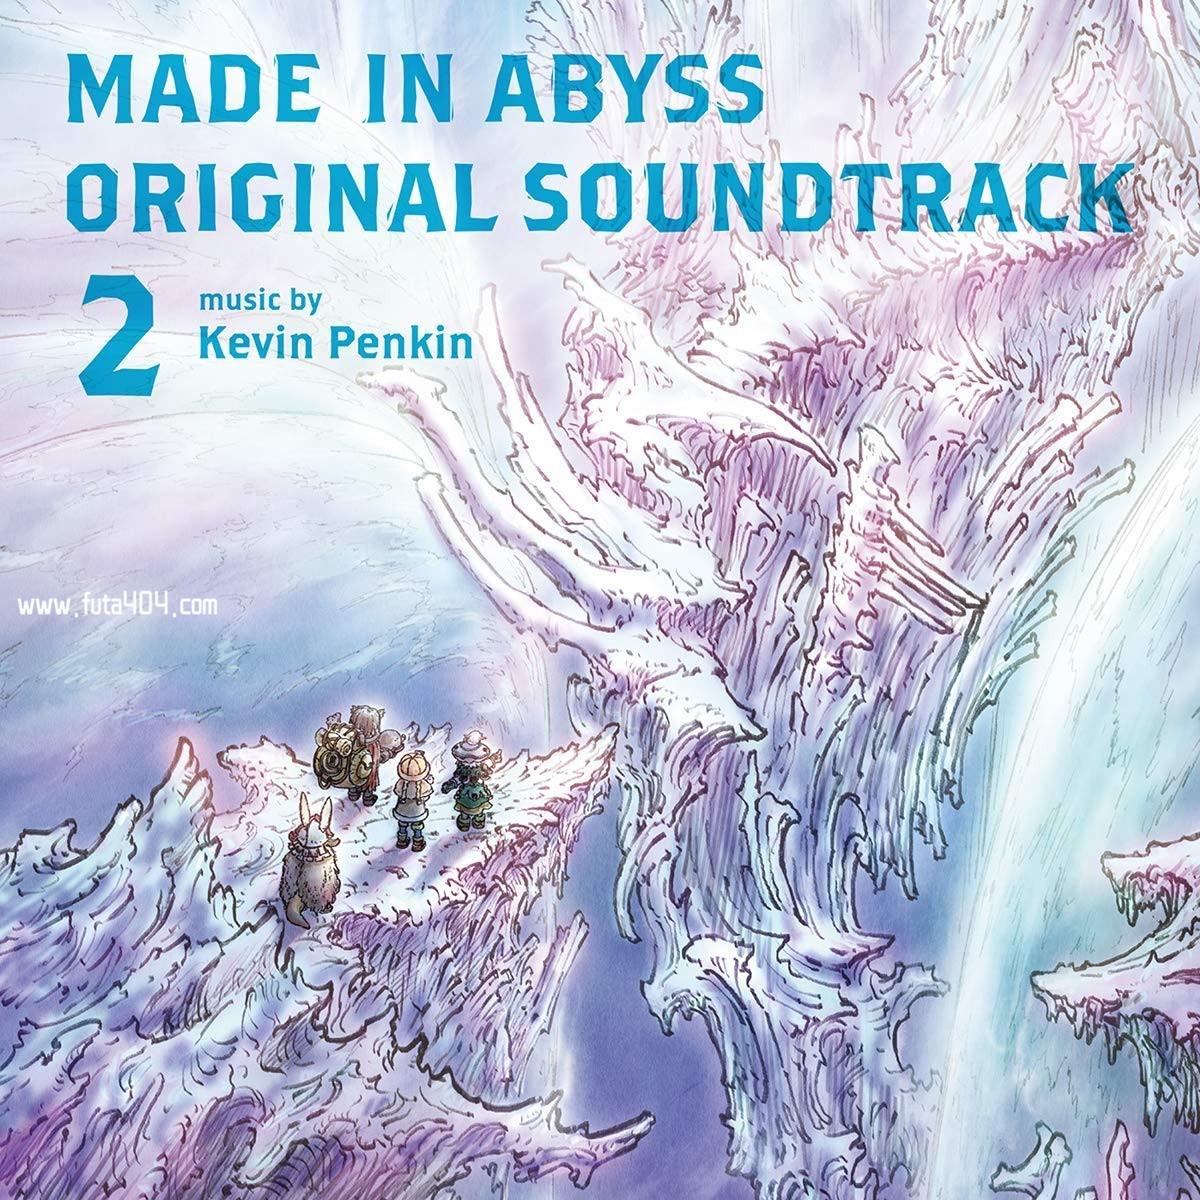 来自深渊剧场版深魂的黎明OST专辑下载 Kevin Penkin 动漫音乐 第1张